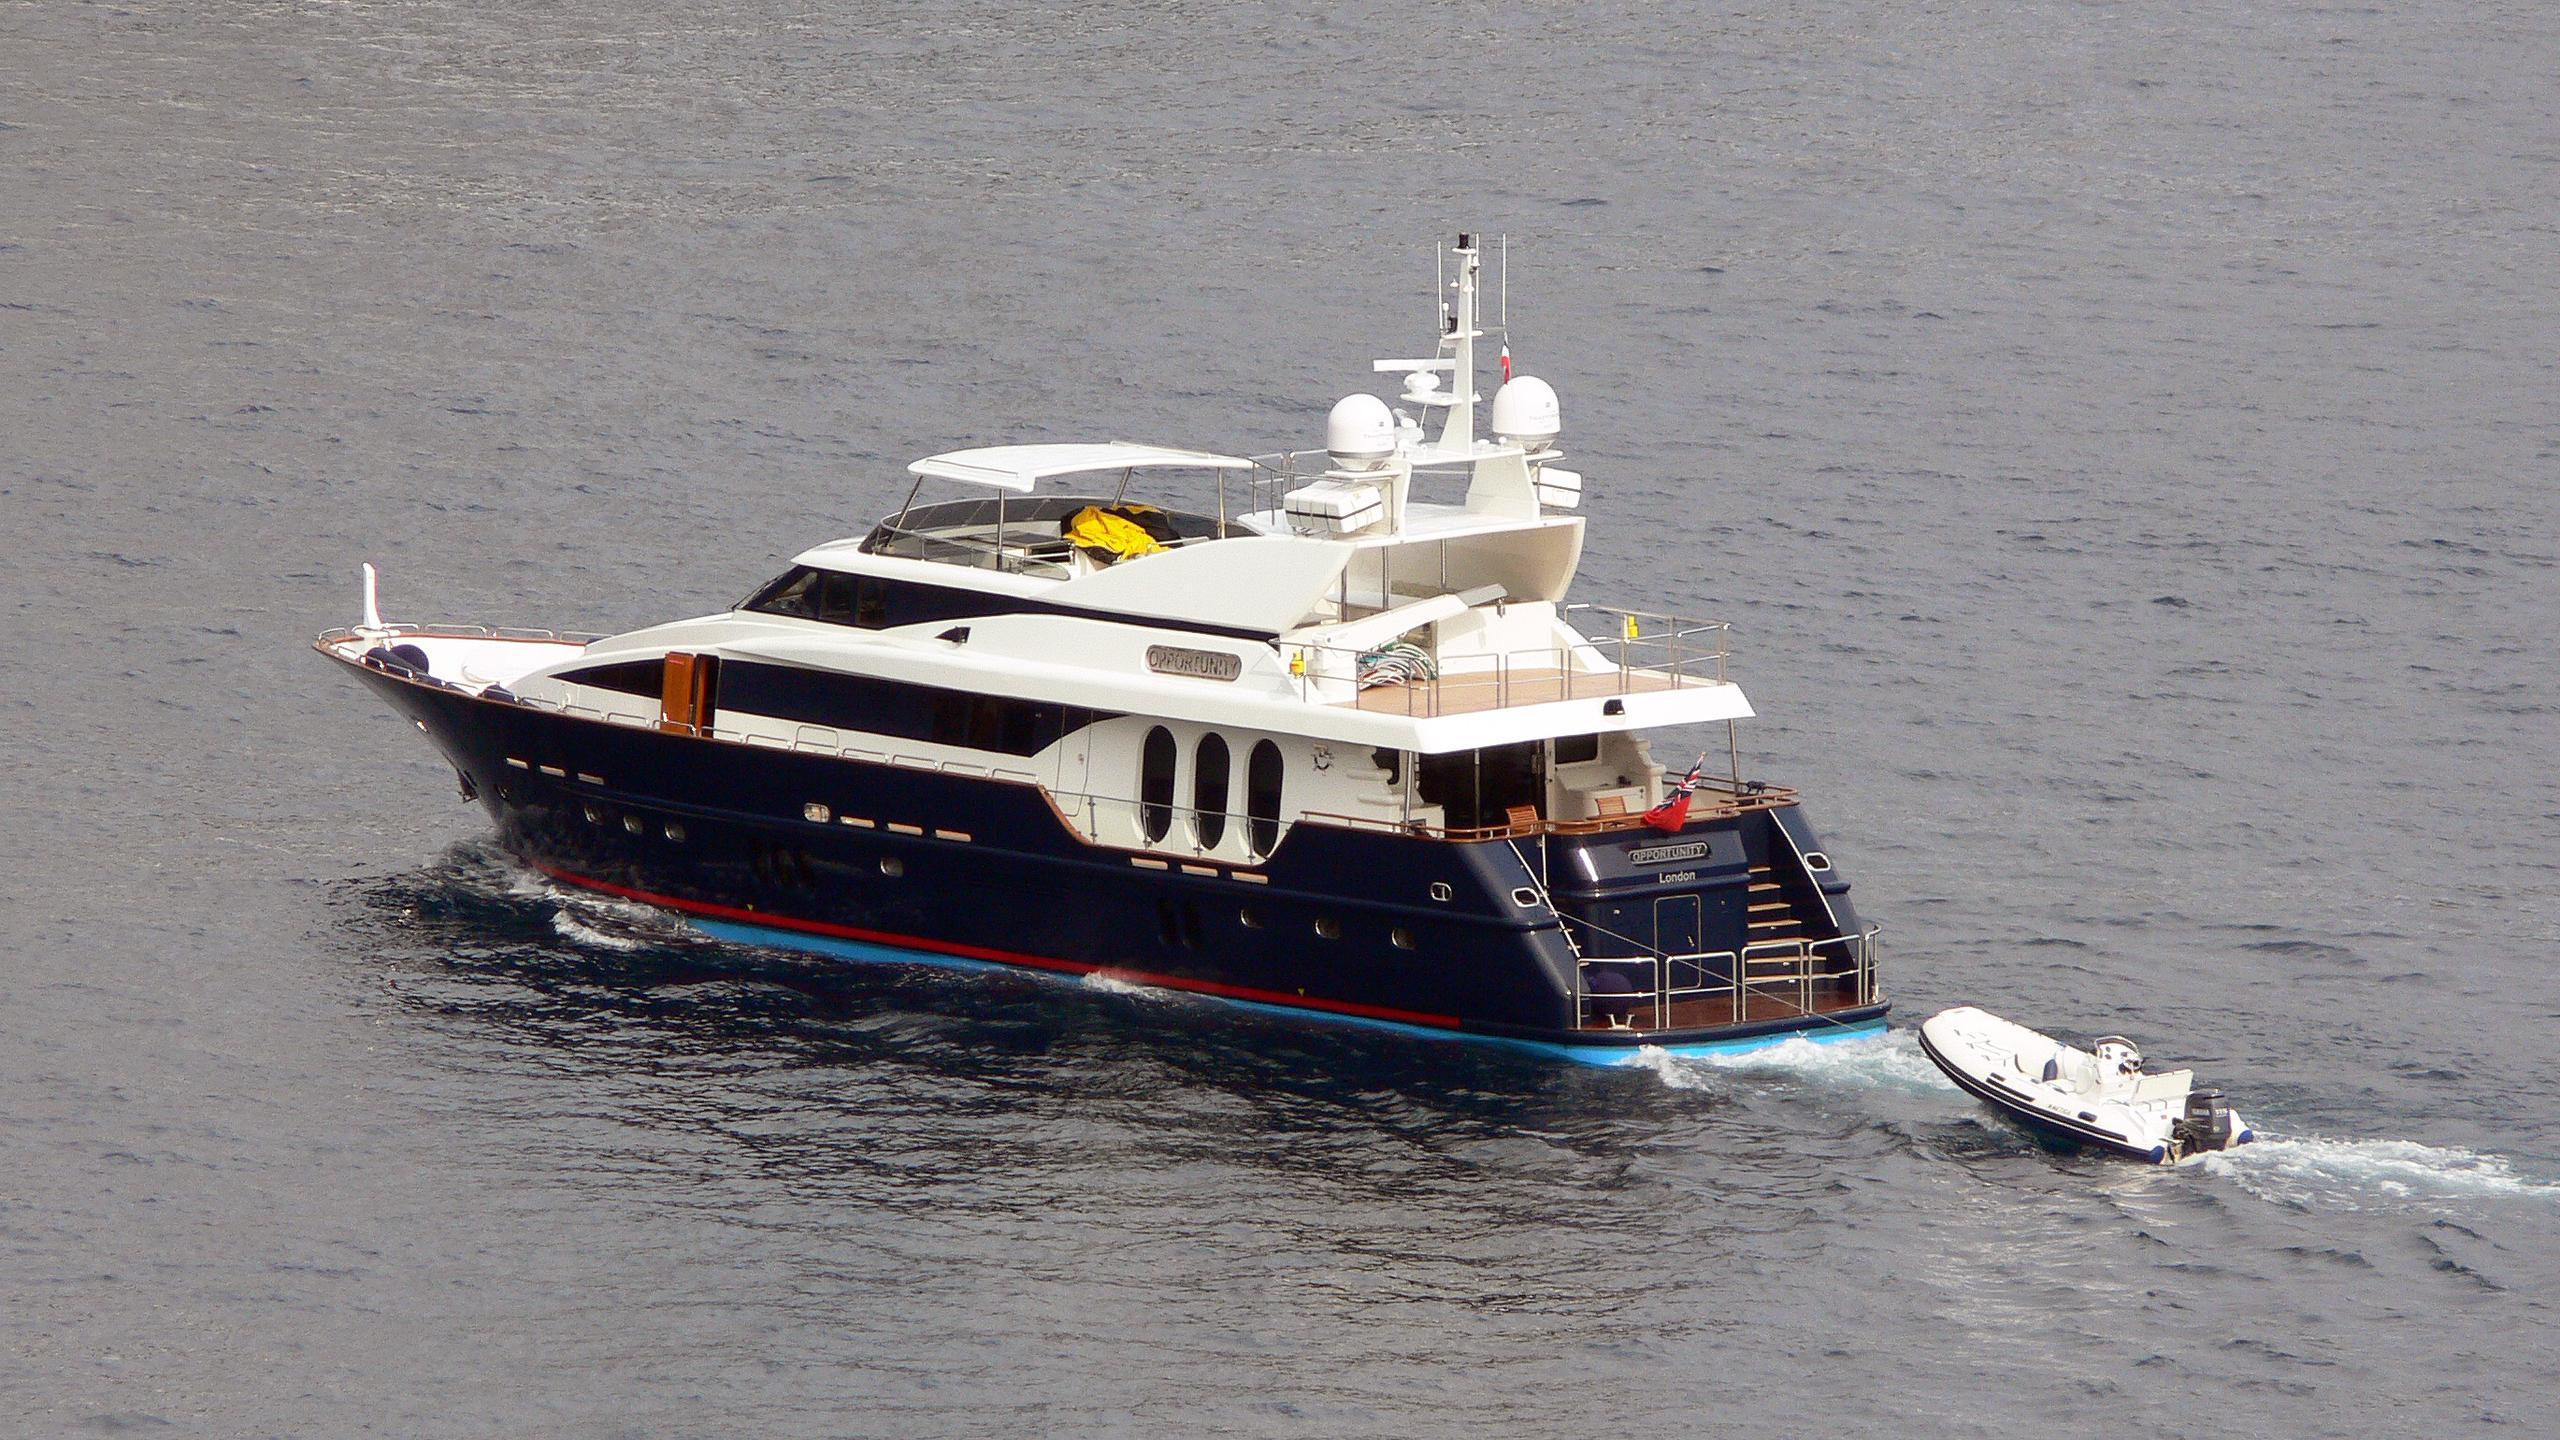 opportunity-motor-yacht-harwal-euroship-95-2008-30m-cruising-stern